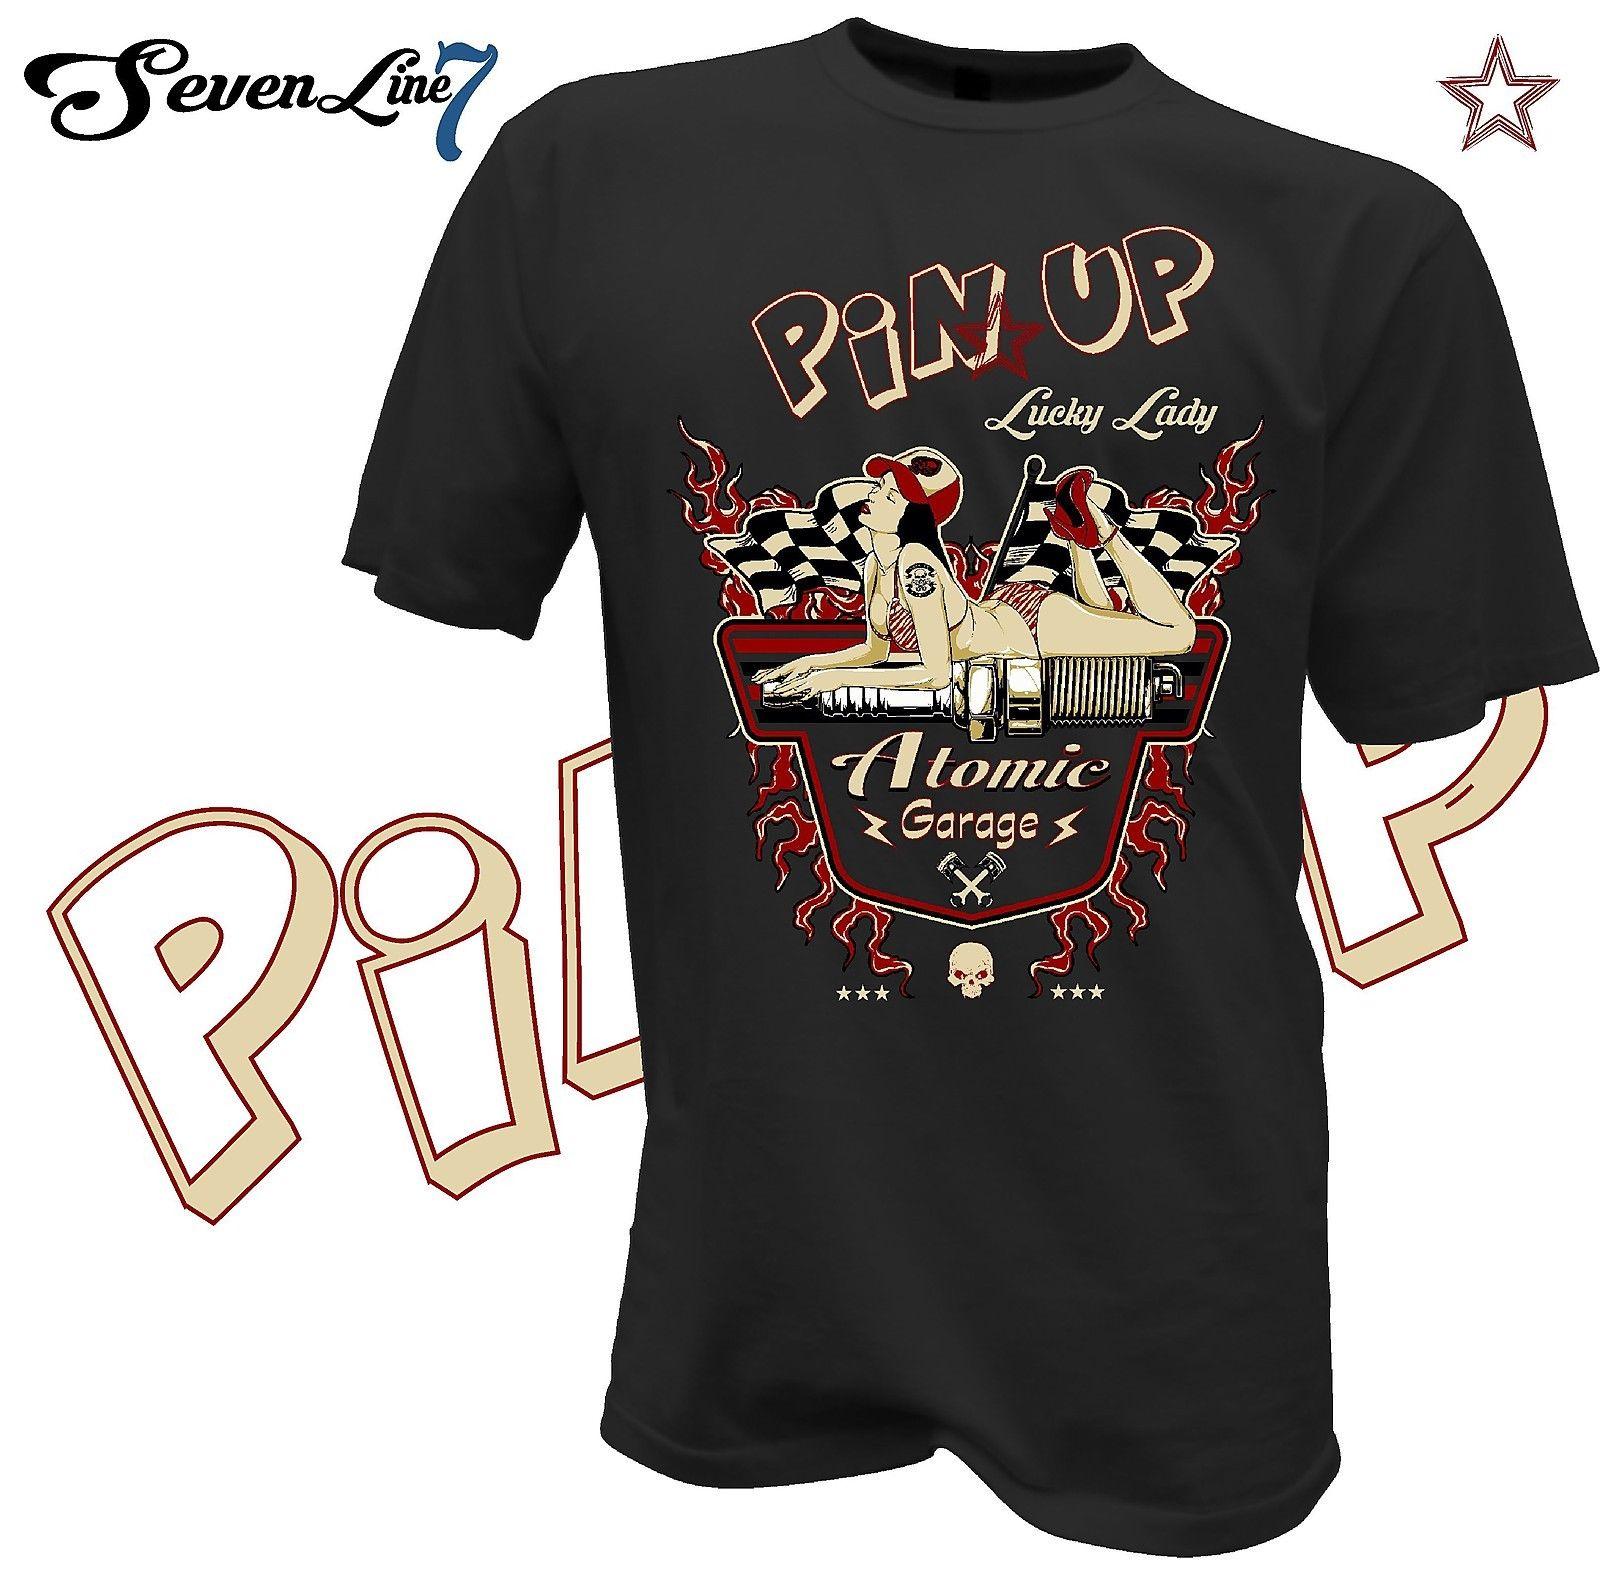 T-shirt biker hotrod Vintage Retro v8 Pinup CUSTOM ROUTE 66 USA SKULL USA 534